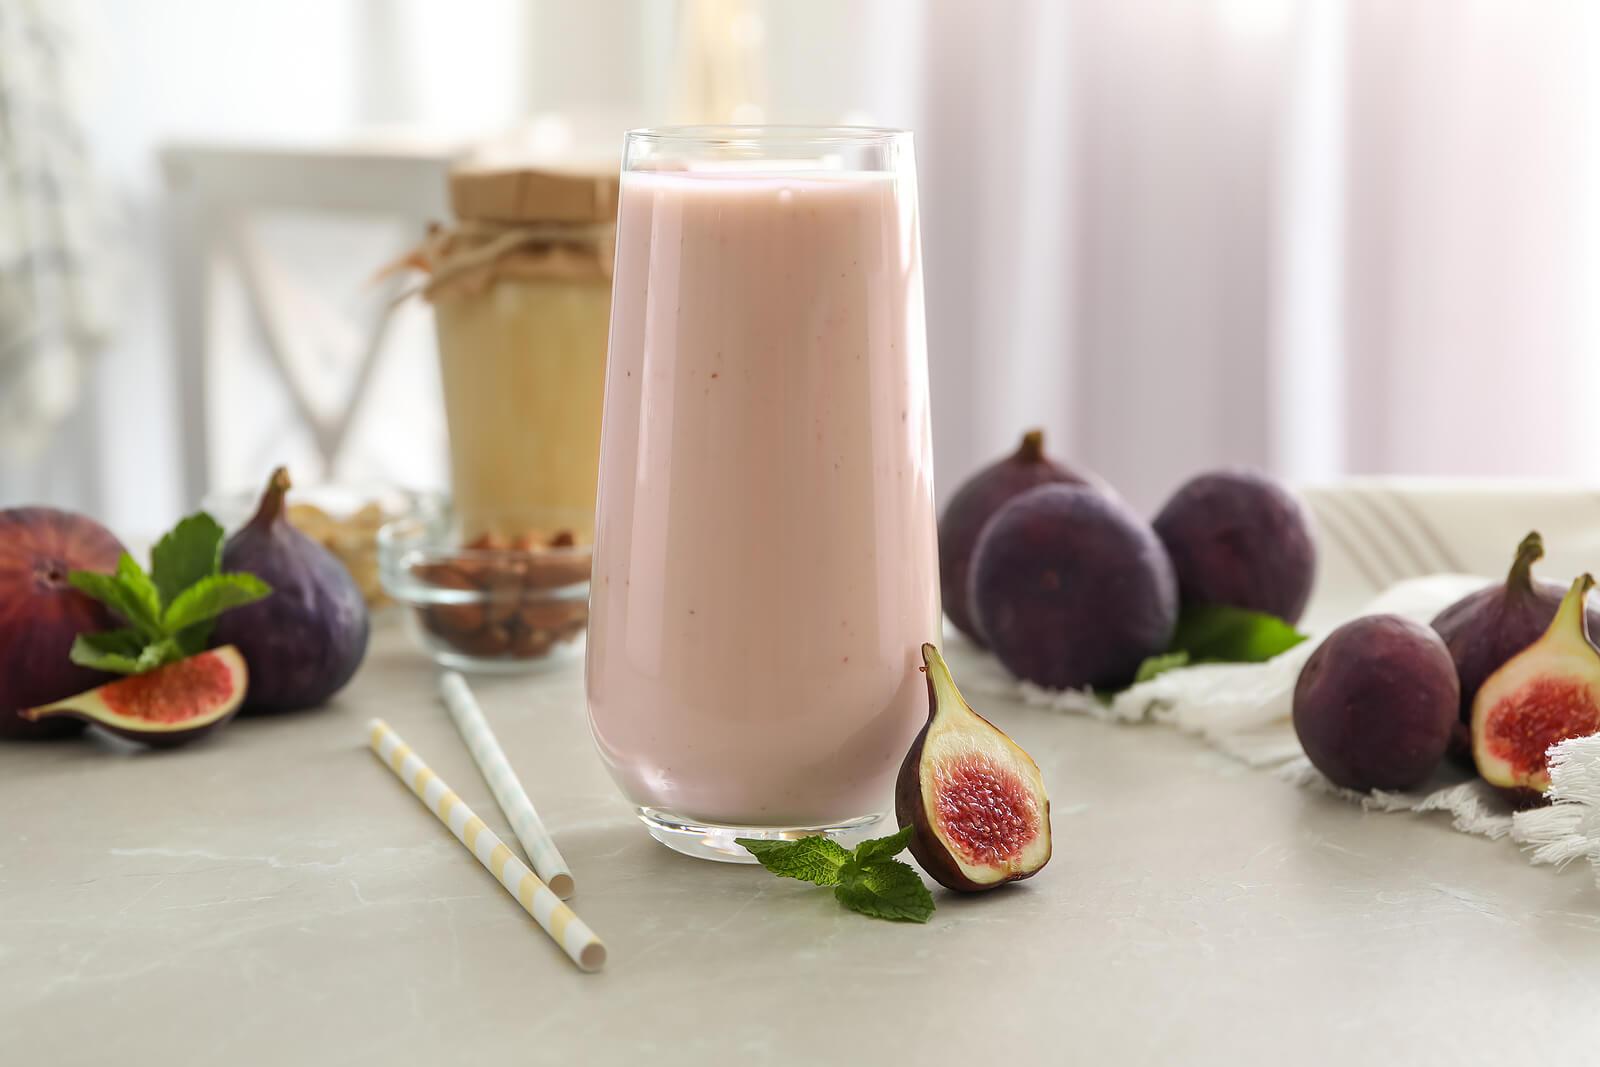 Delicioso batido de higos con fresas y leche de almendras.